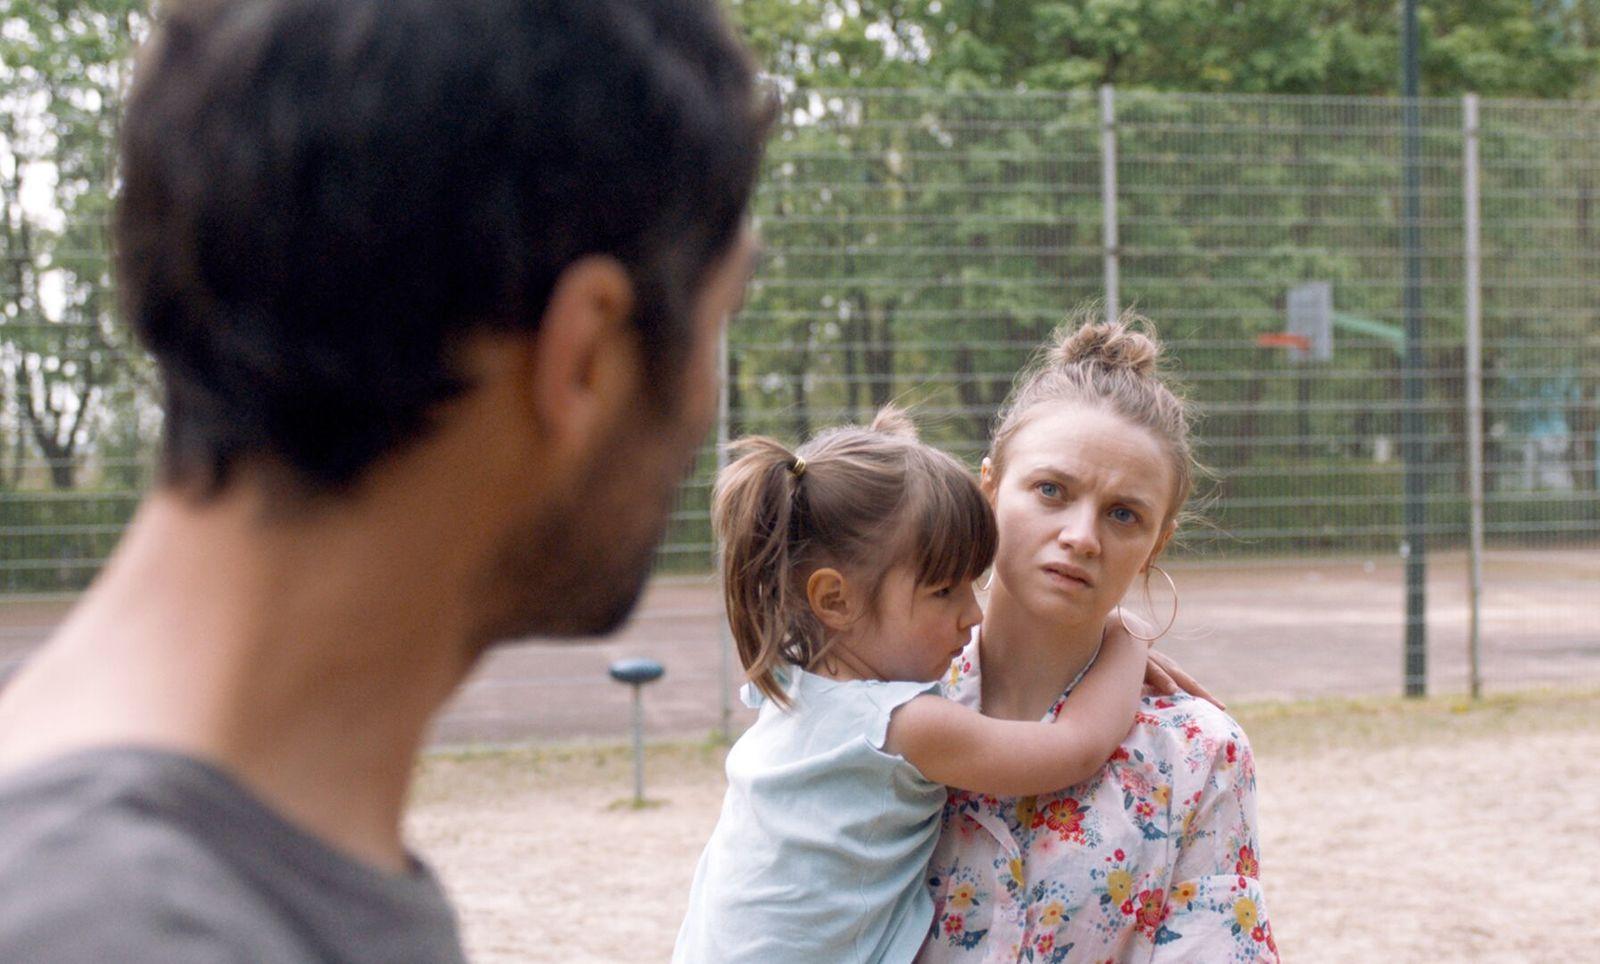 © Versus Production – Les Films du Poisson